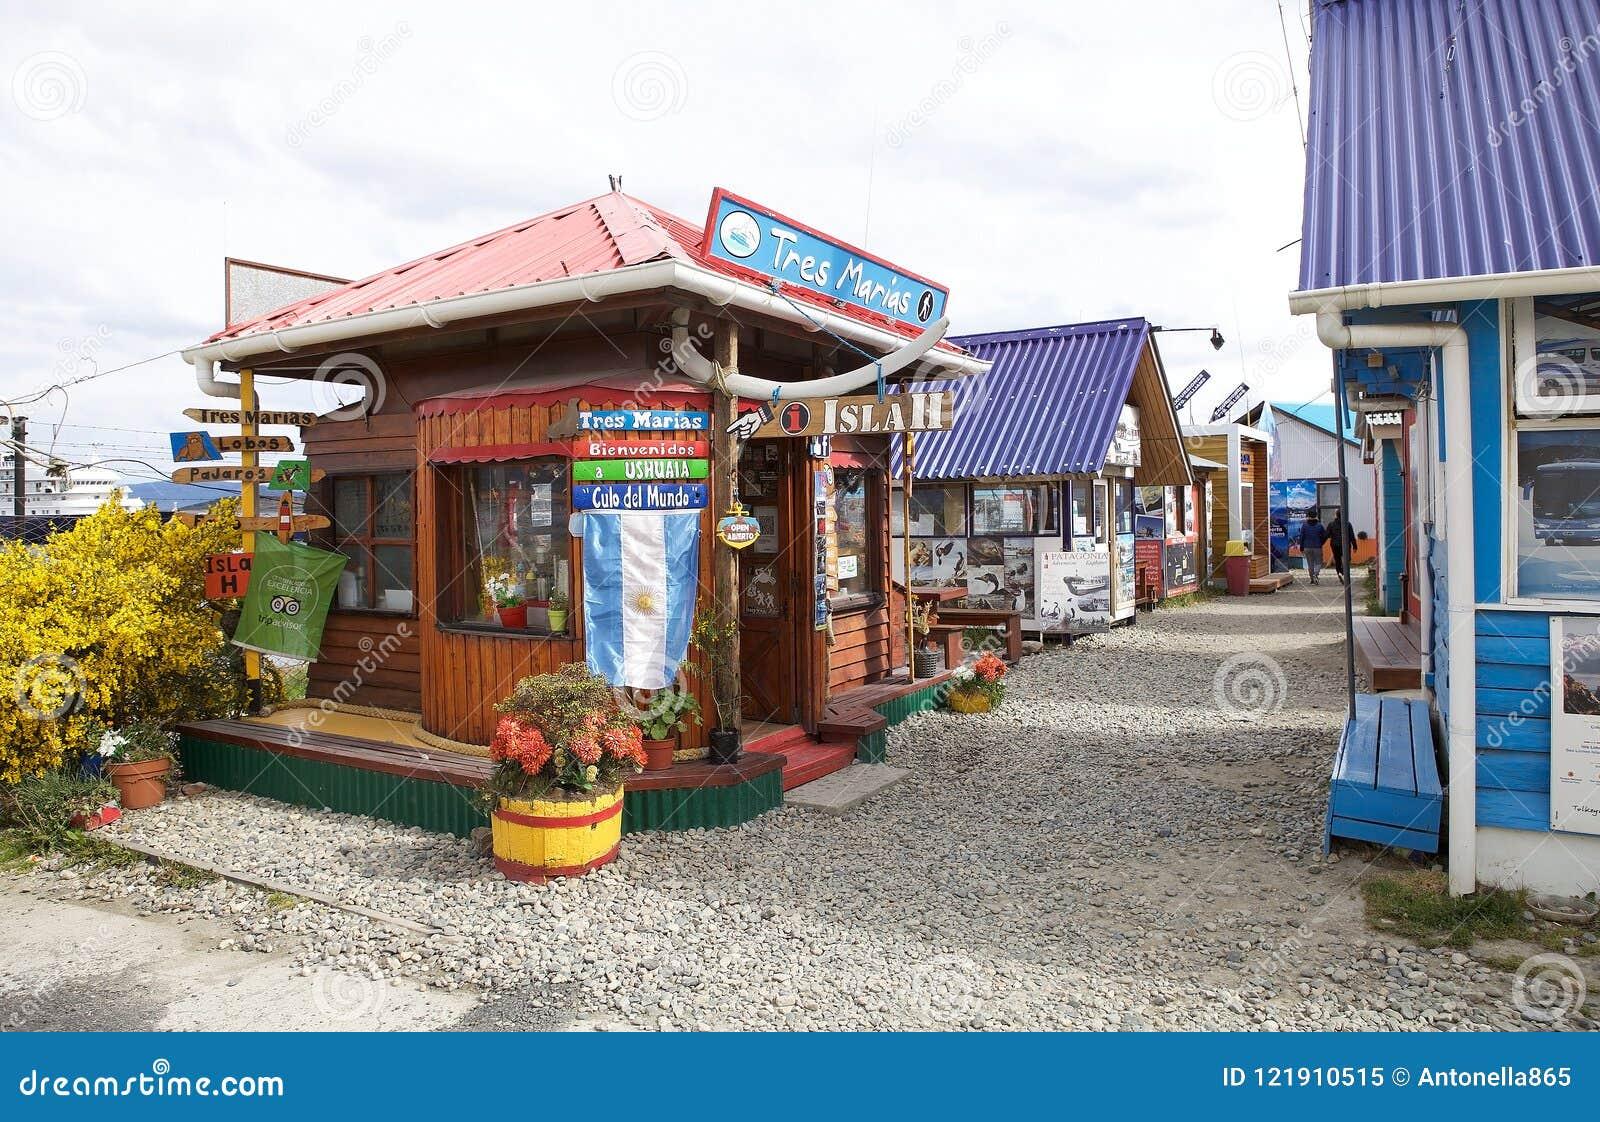 Agencias turísticas en Ushuaia, la capital de Tierra del Fuego, la Argentina